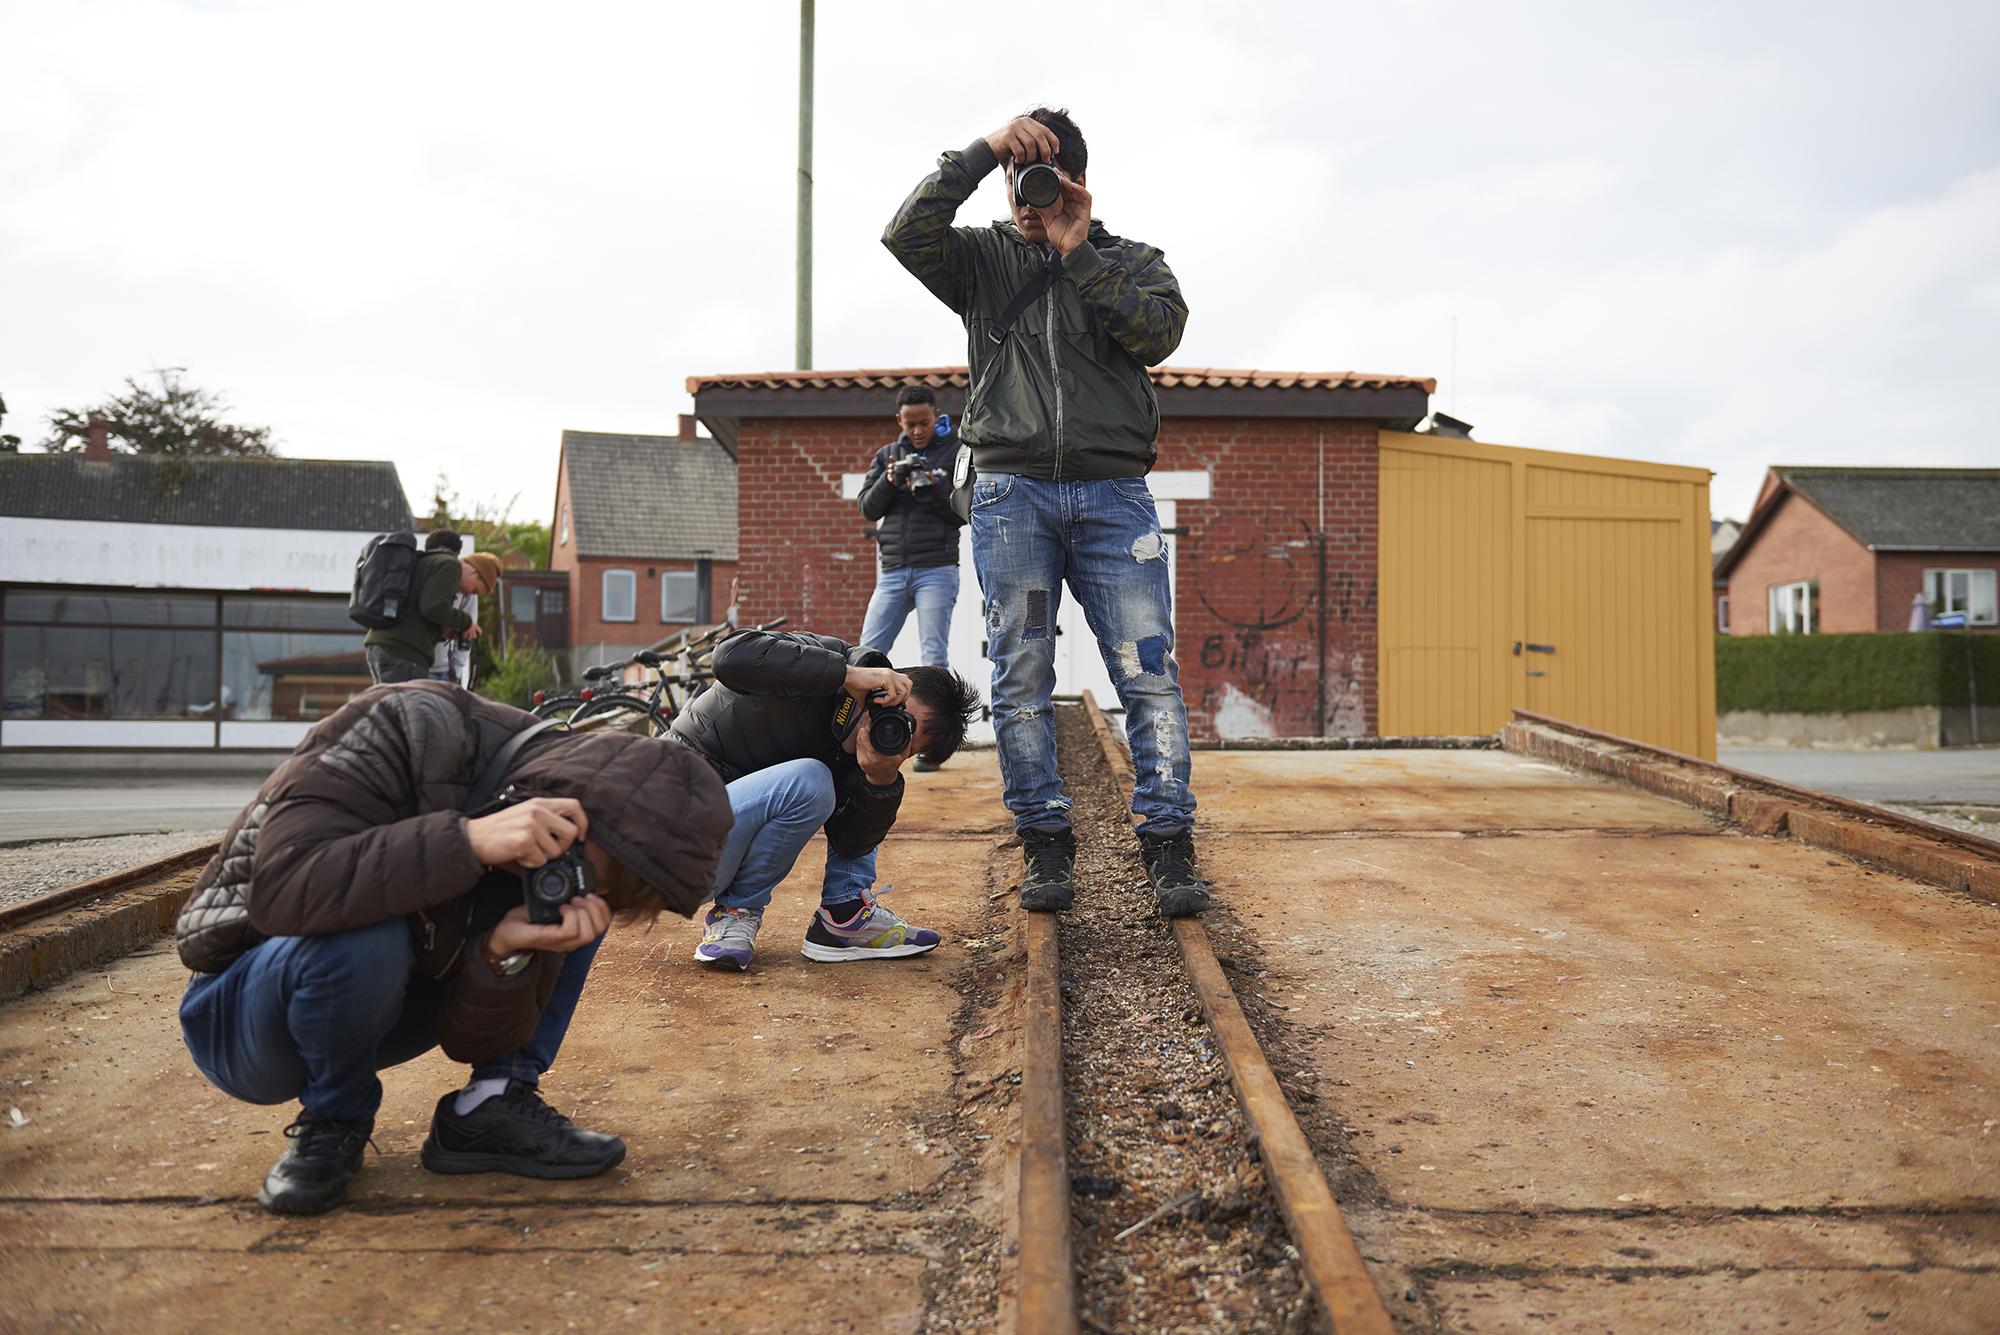 SØBY_Behind the scenes015.jpg